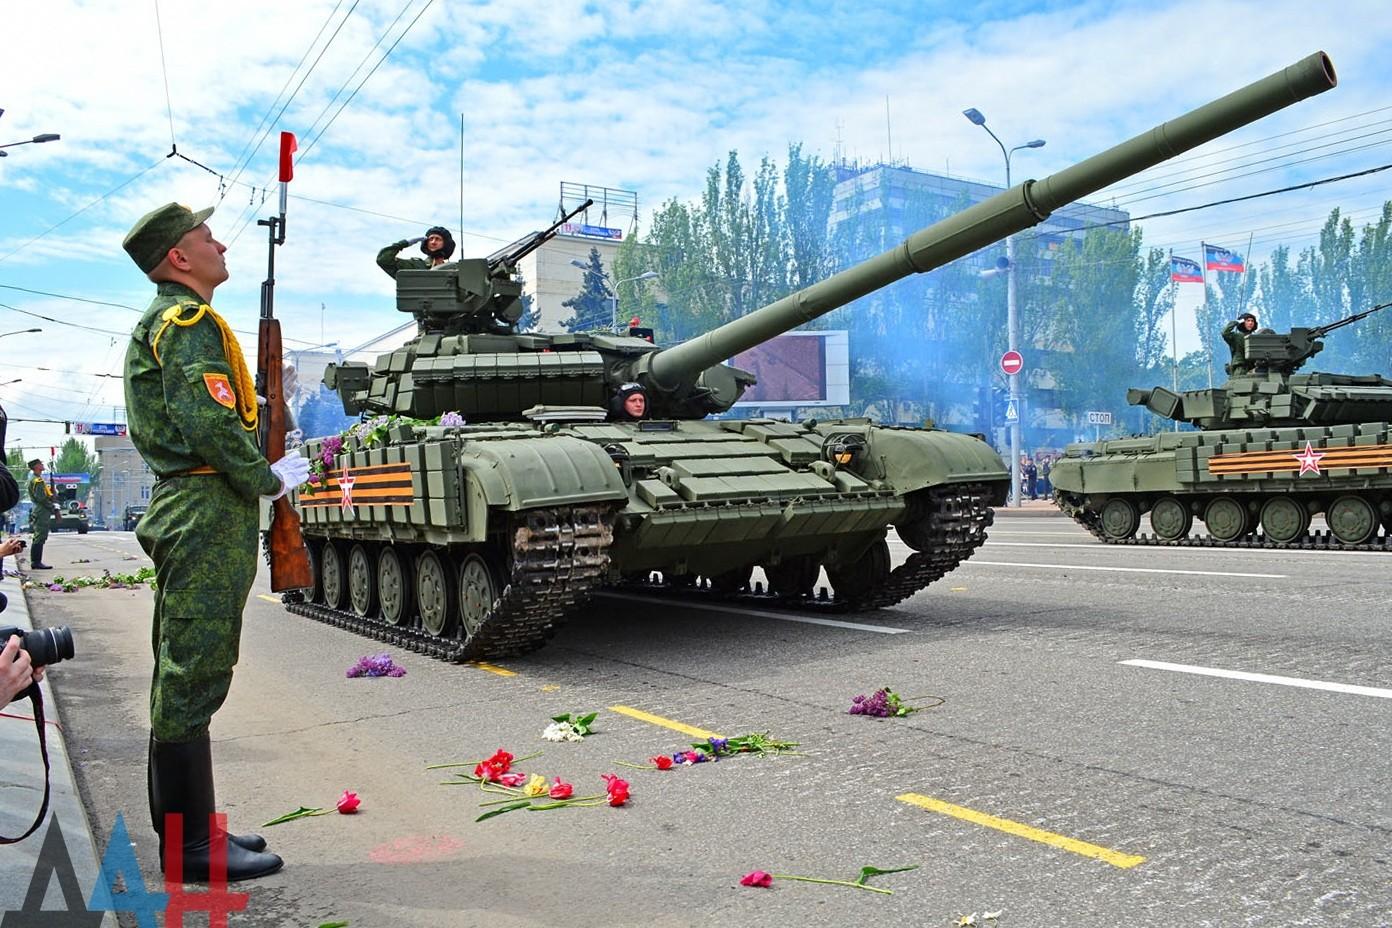 О проведении парада и салюта в ознаменование 75-й годовщины Победы в Великой Отечественной войне и Парада Победы в Донецке